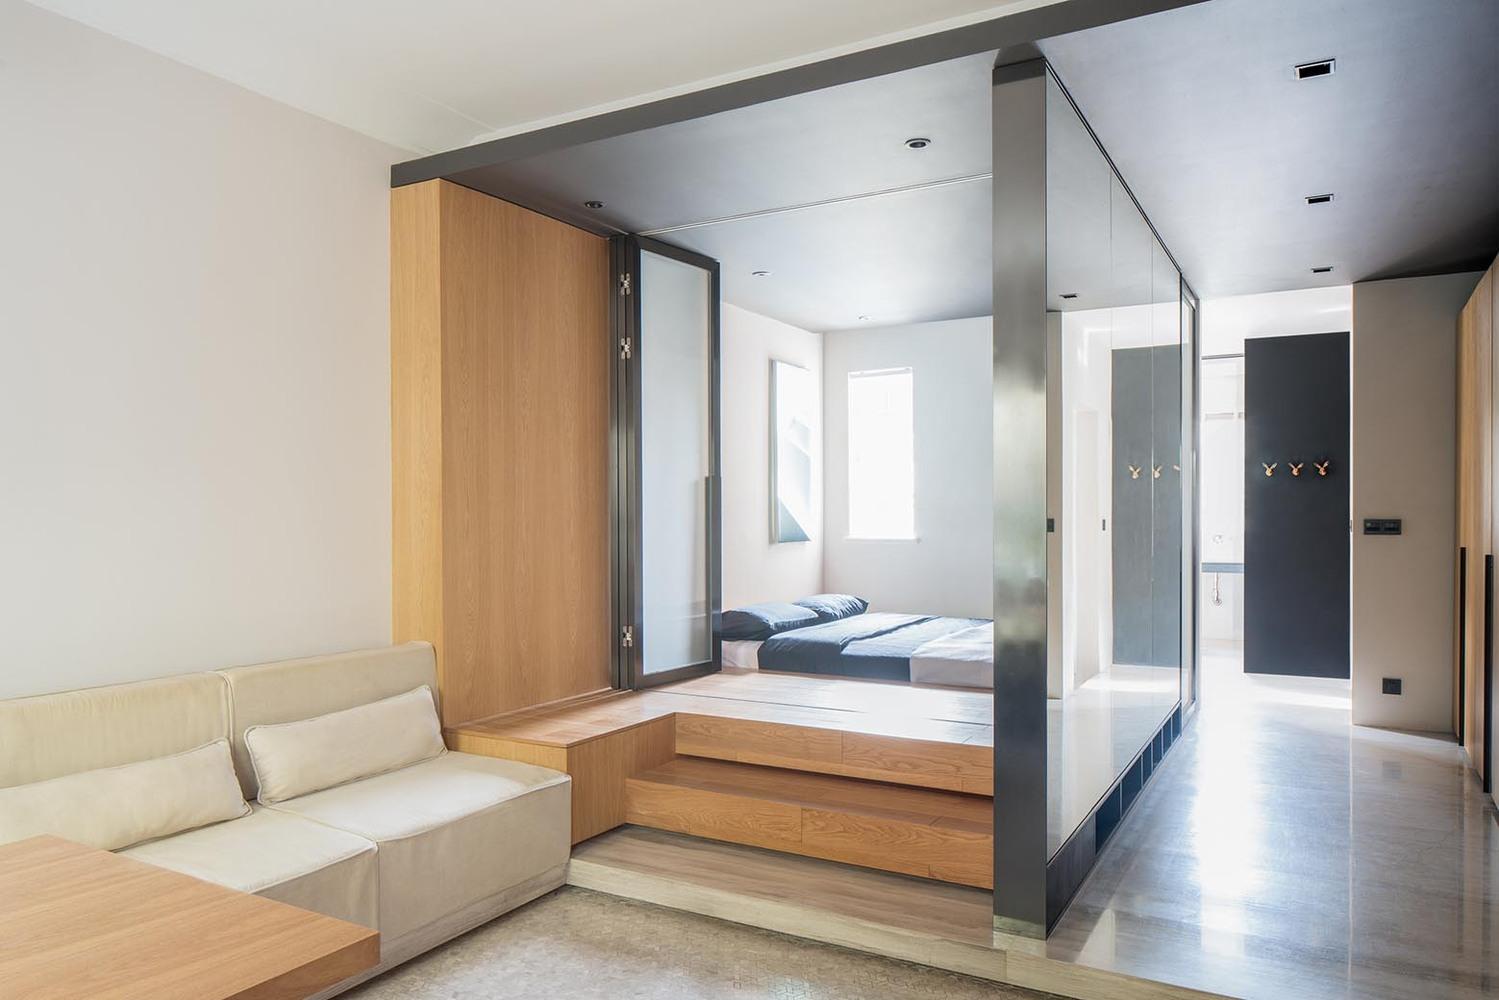 Спальня в однокомнатной квартире в стиле минимализм